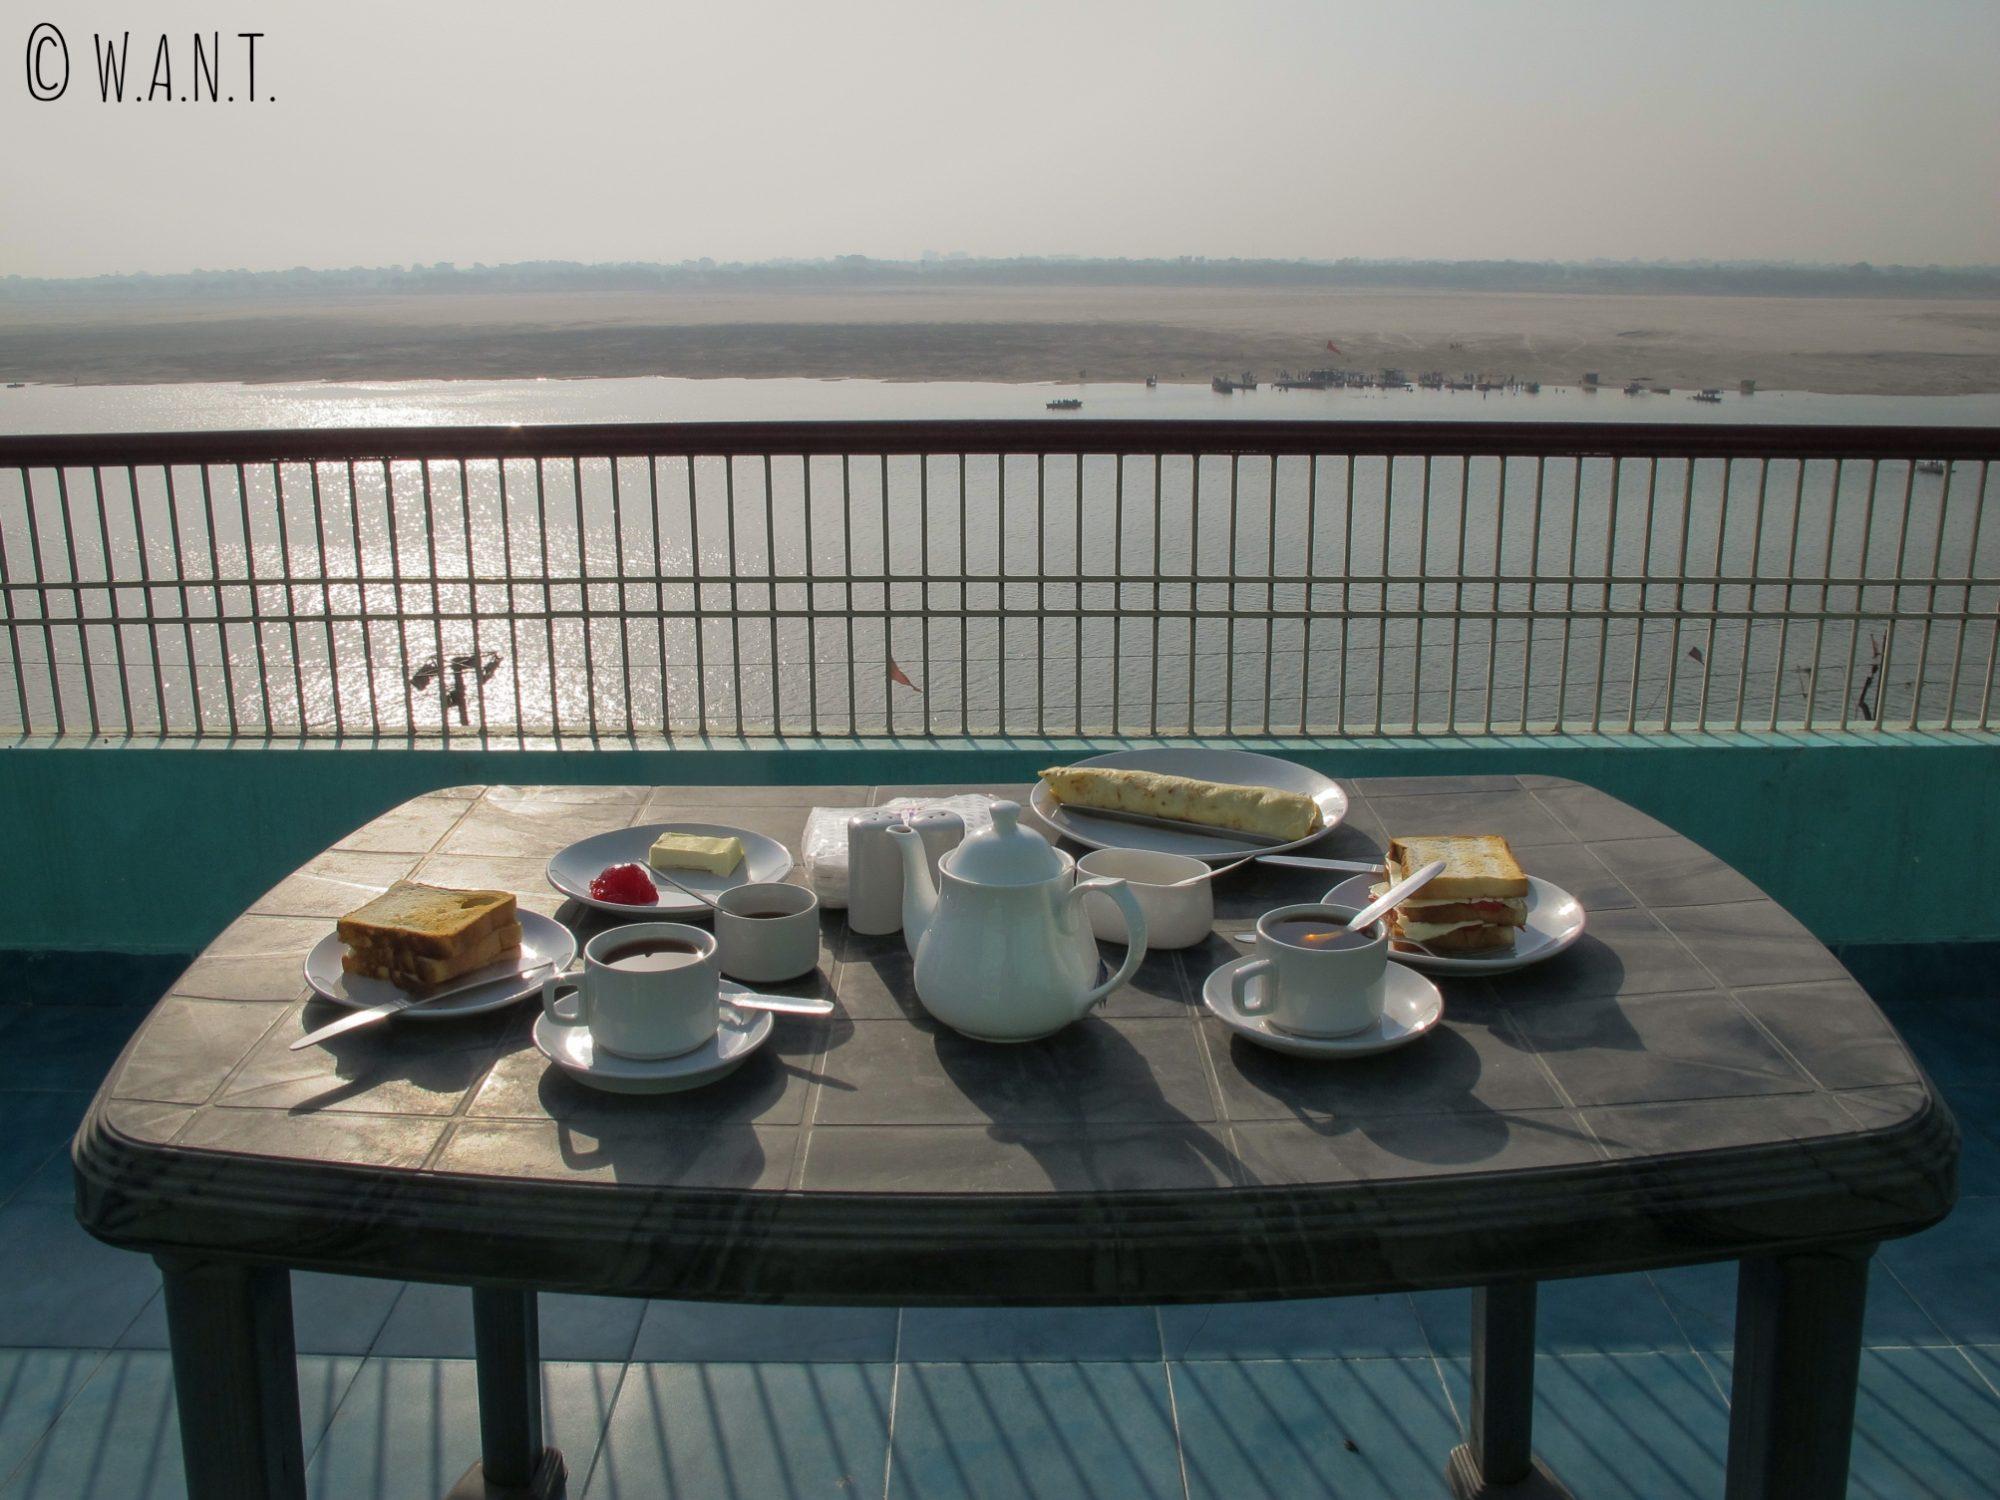 Rien de tel pour commencer une bonne journée à Varanasi qu'un petit-déjeuner avec vue sur le Gange